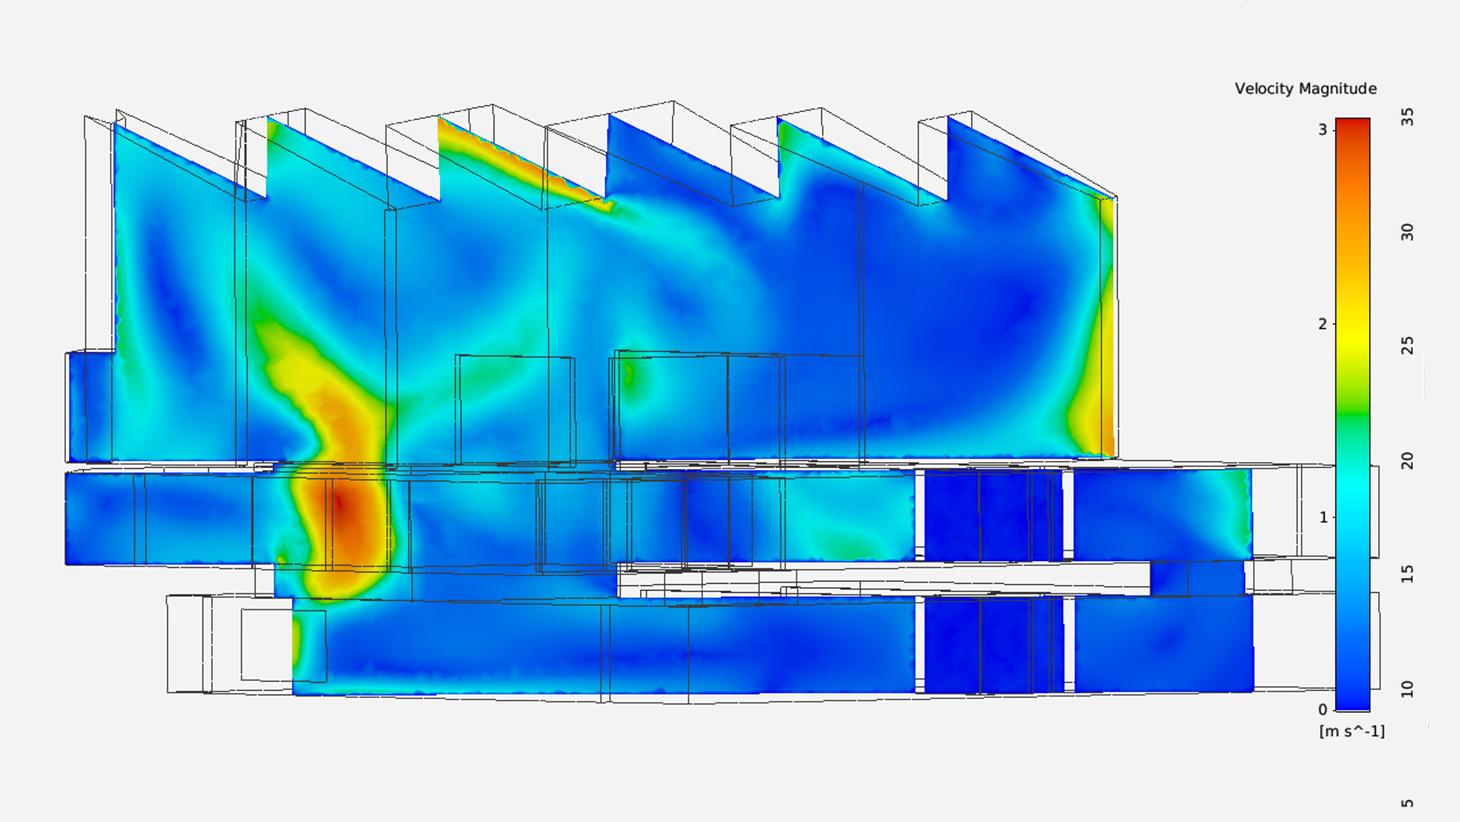 Aiguasol utiliza ANSYS Fluent em projetos de ventilação e otimização energética